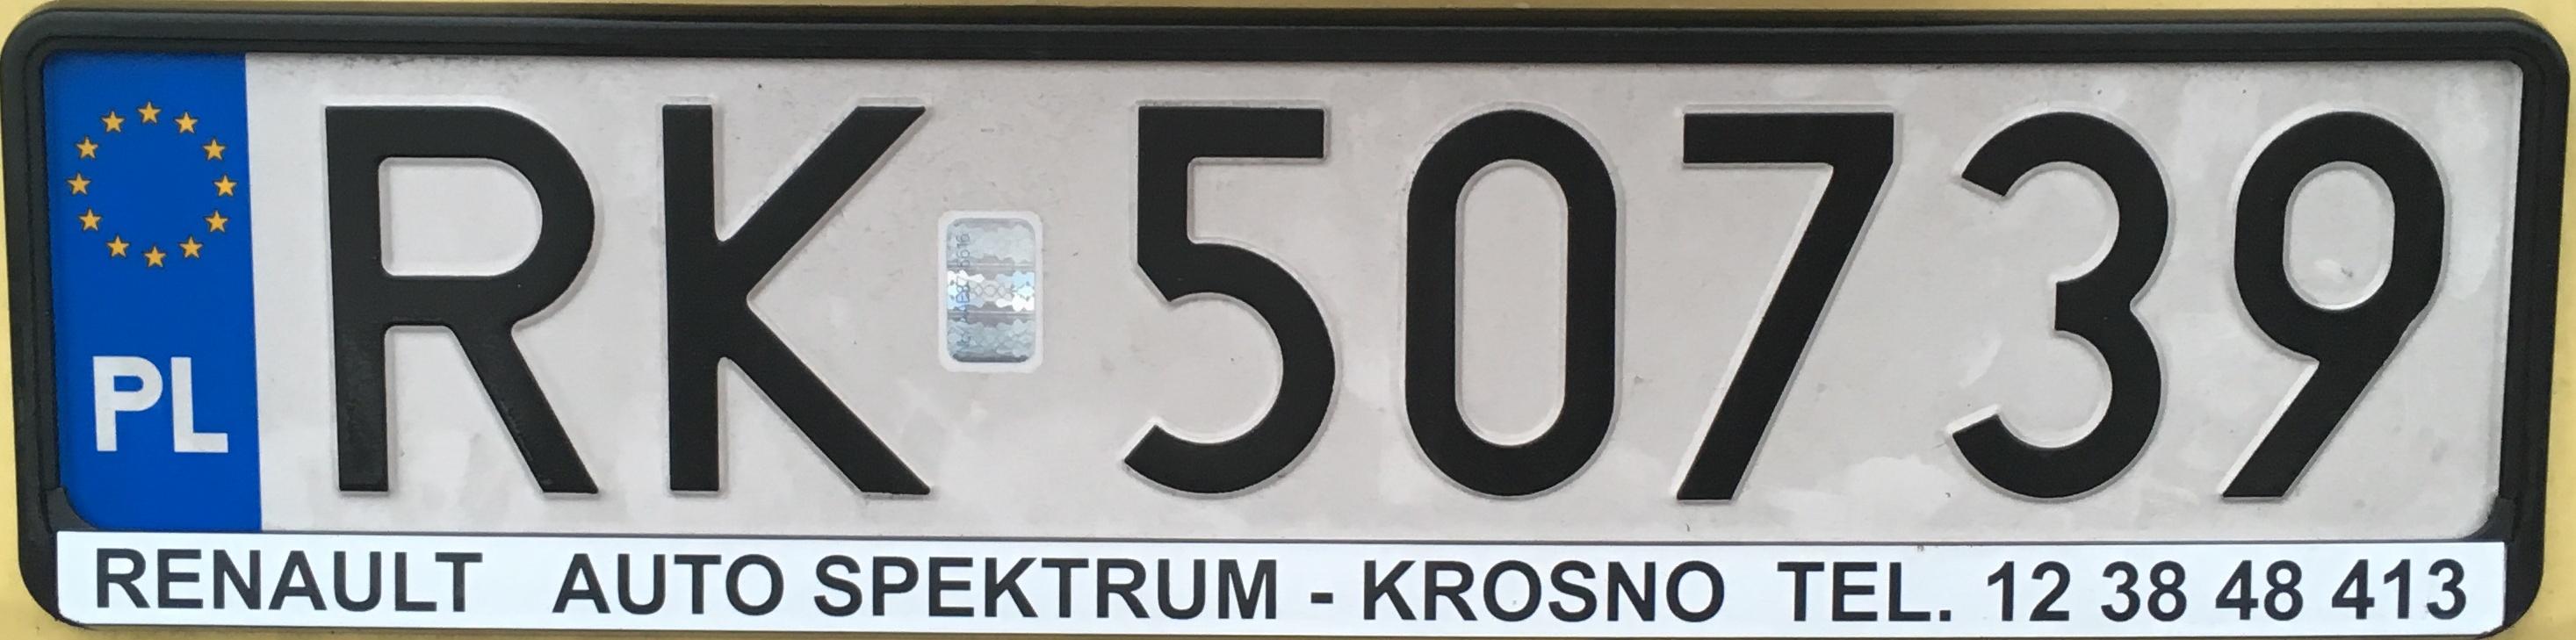 Registrační značka Polsko - RK - Krosno, foto: vlastní